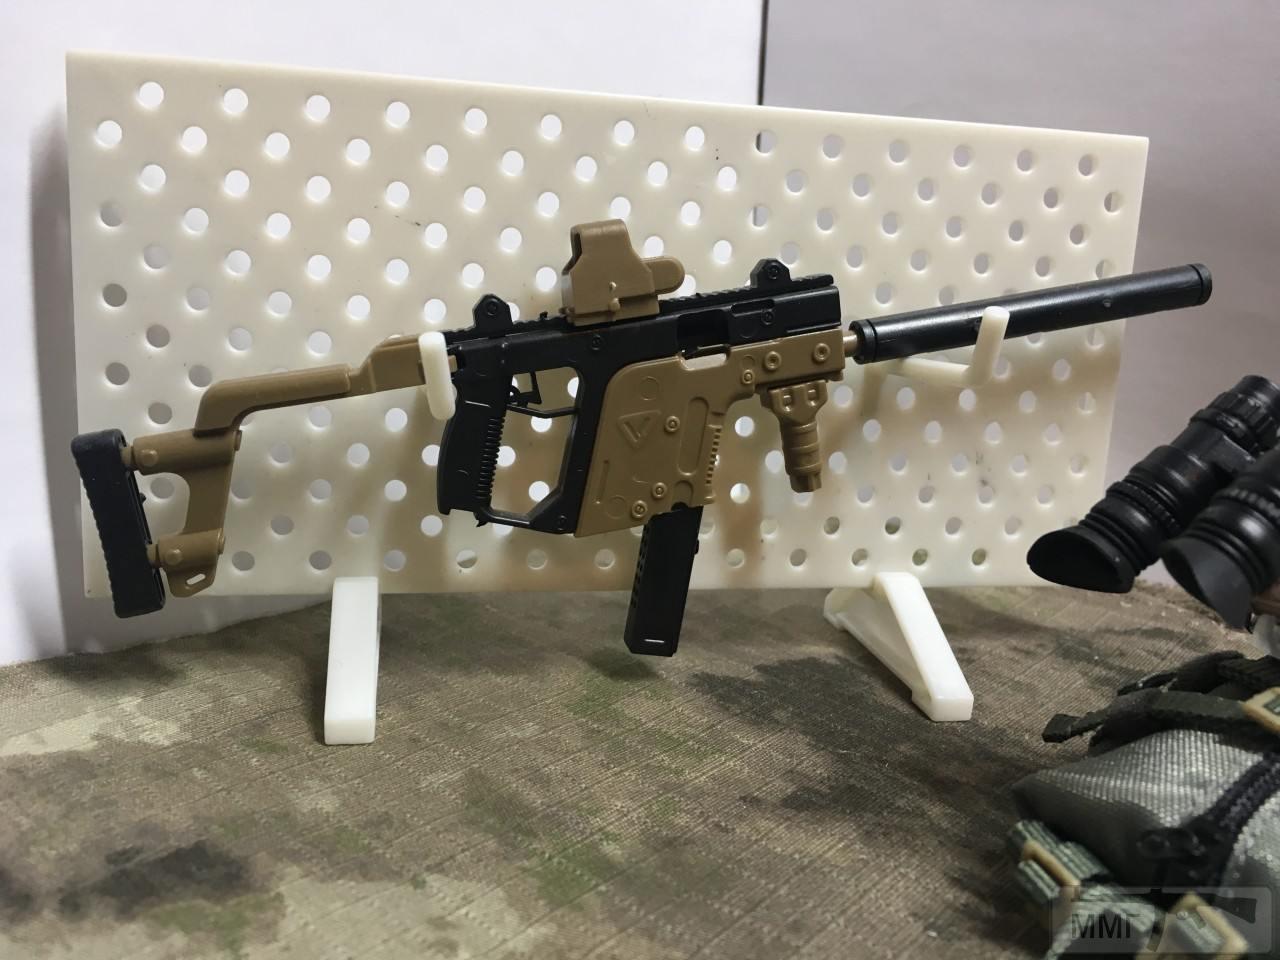 53998 - Макеты оружия/ модели 1:6